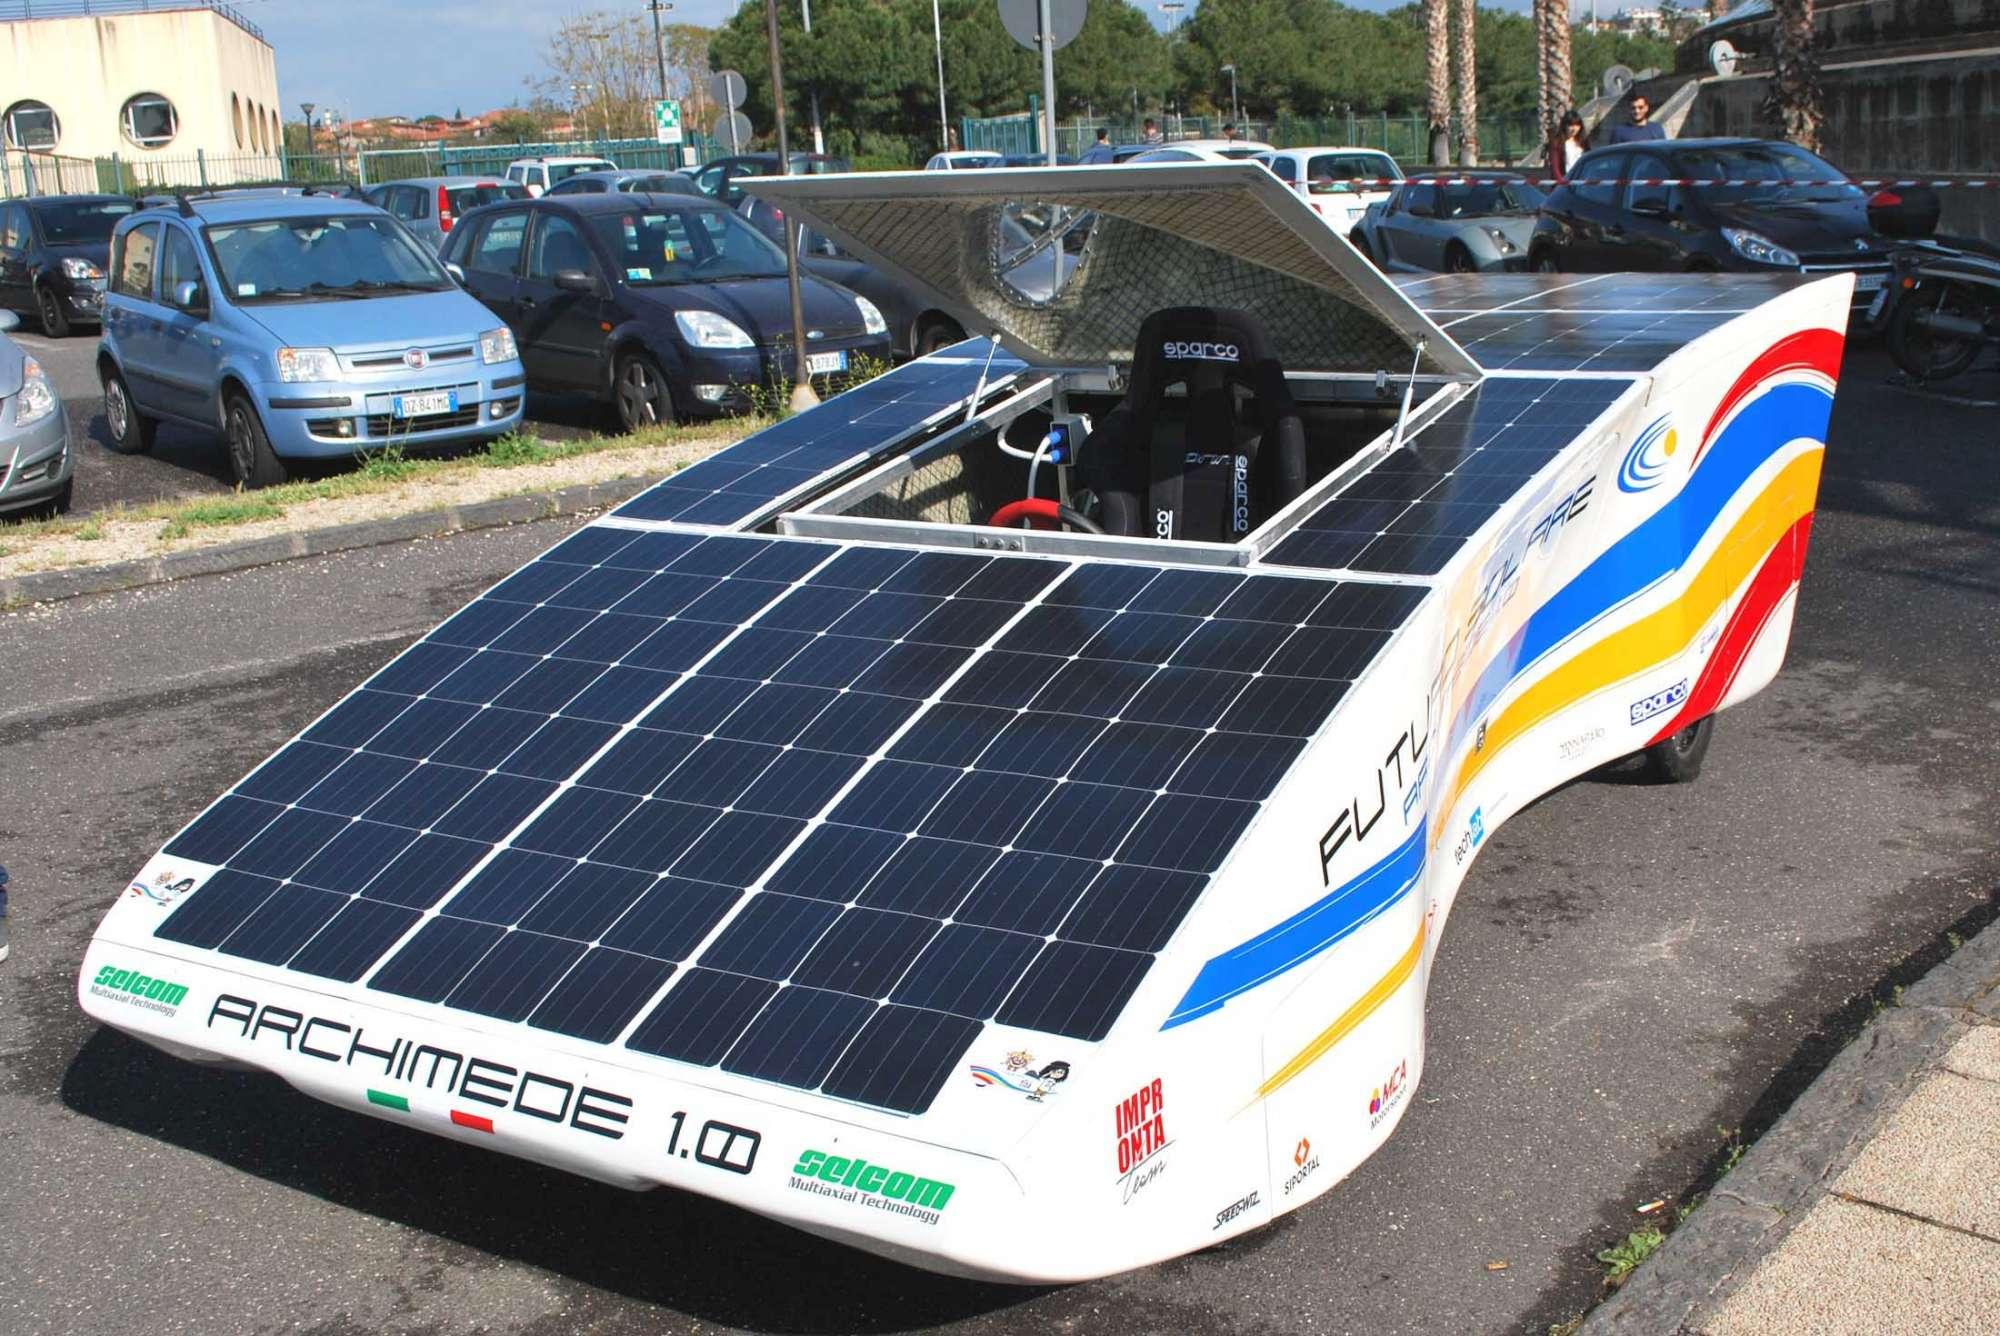 Archimede Solar Car 1.0, prima auto elettrica a energia solare